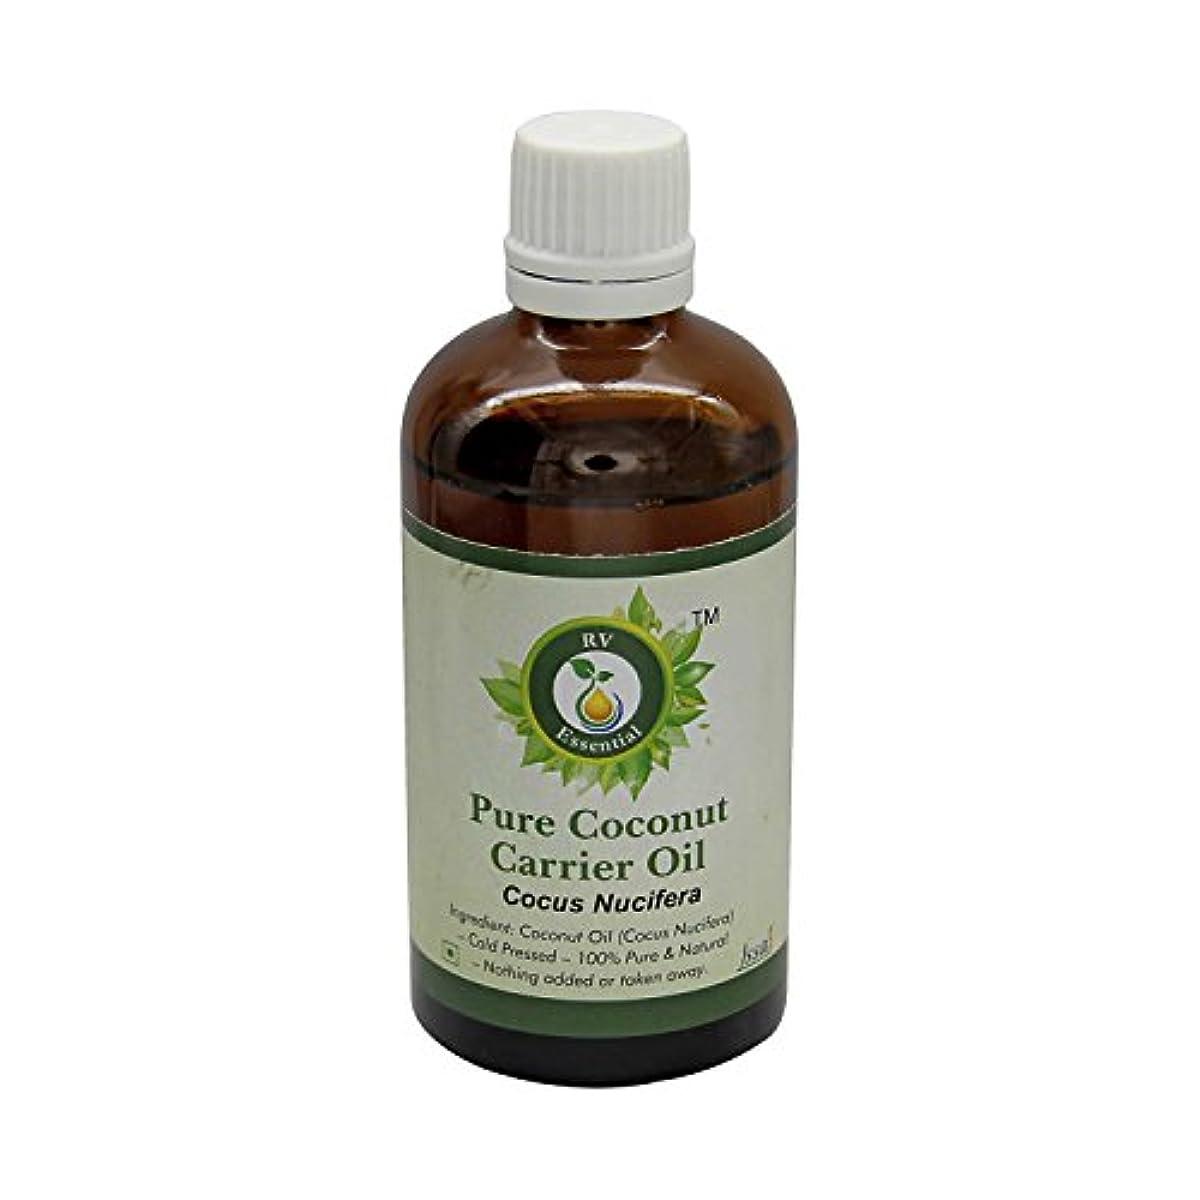 圧倒的ミンチ地理R V Essential 純粋なココナッツキャリアオイル30ml (1.01oz)- Cocus Nucifera (100%ピュア&ナチュラルコールドPressed) Pure Coconut Carrier Oil